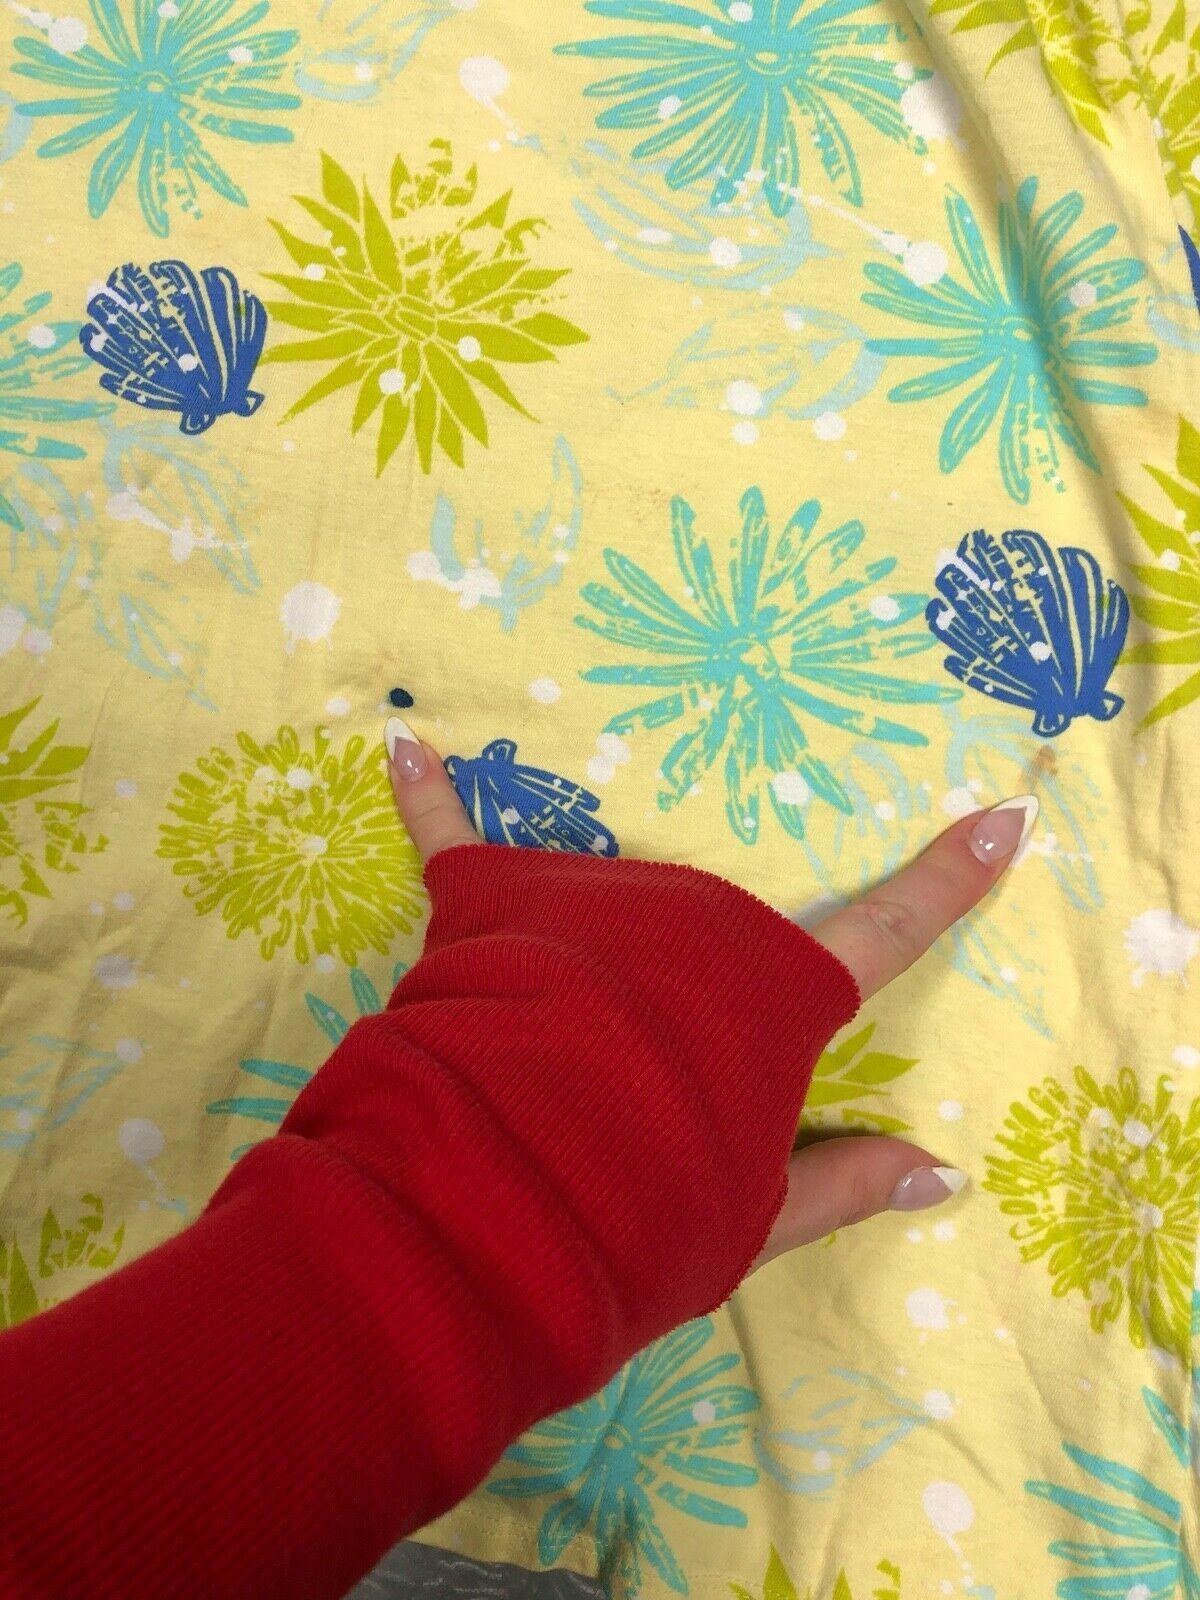 LANDS END KIDS Summer Tops Lot Sleeveless Tank Dress T-Shirt Girl's Size 14  image 7